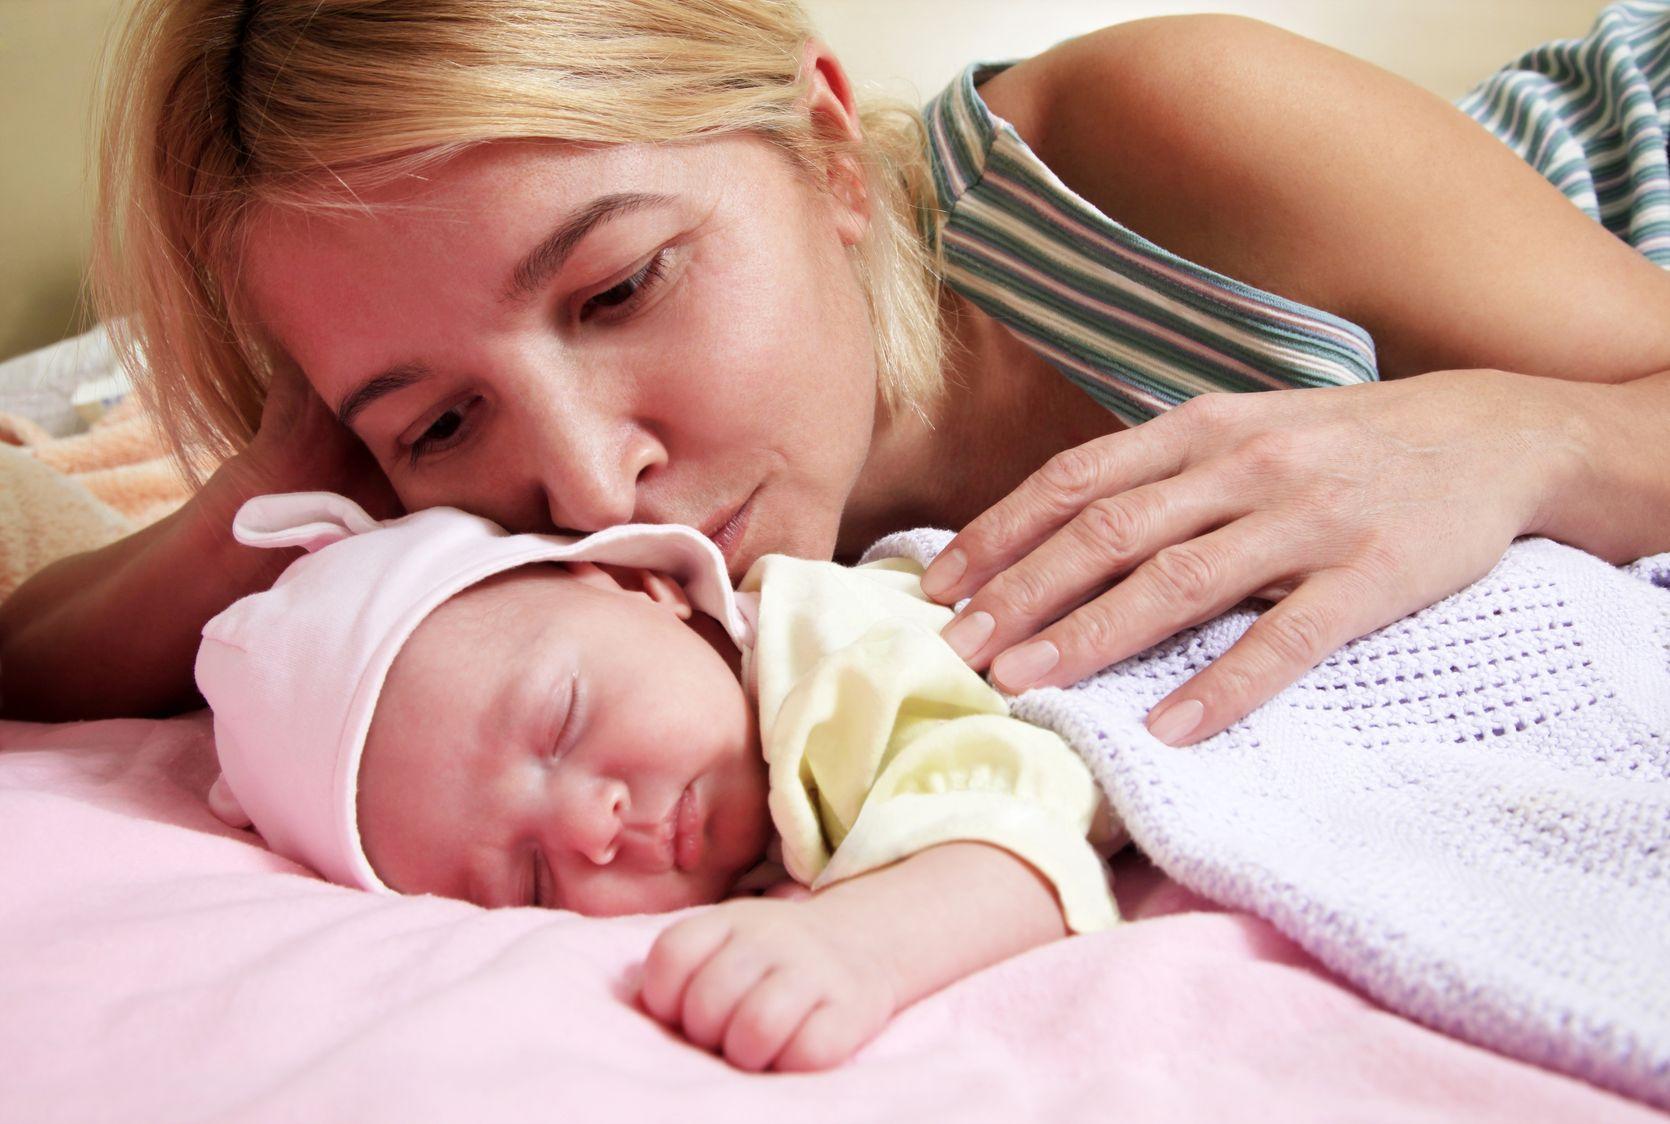 Волнующий вопрос: нужно ли будить новорождённого для кормления?